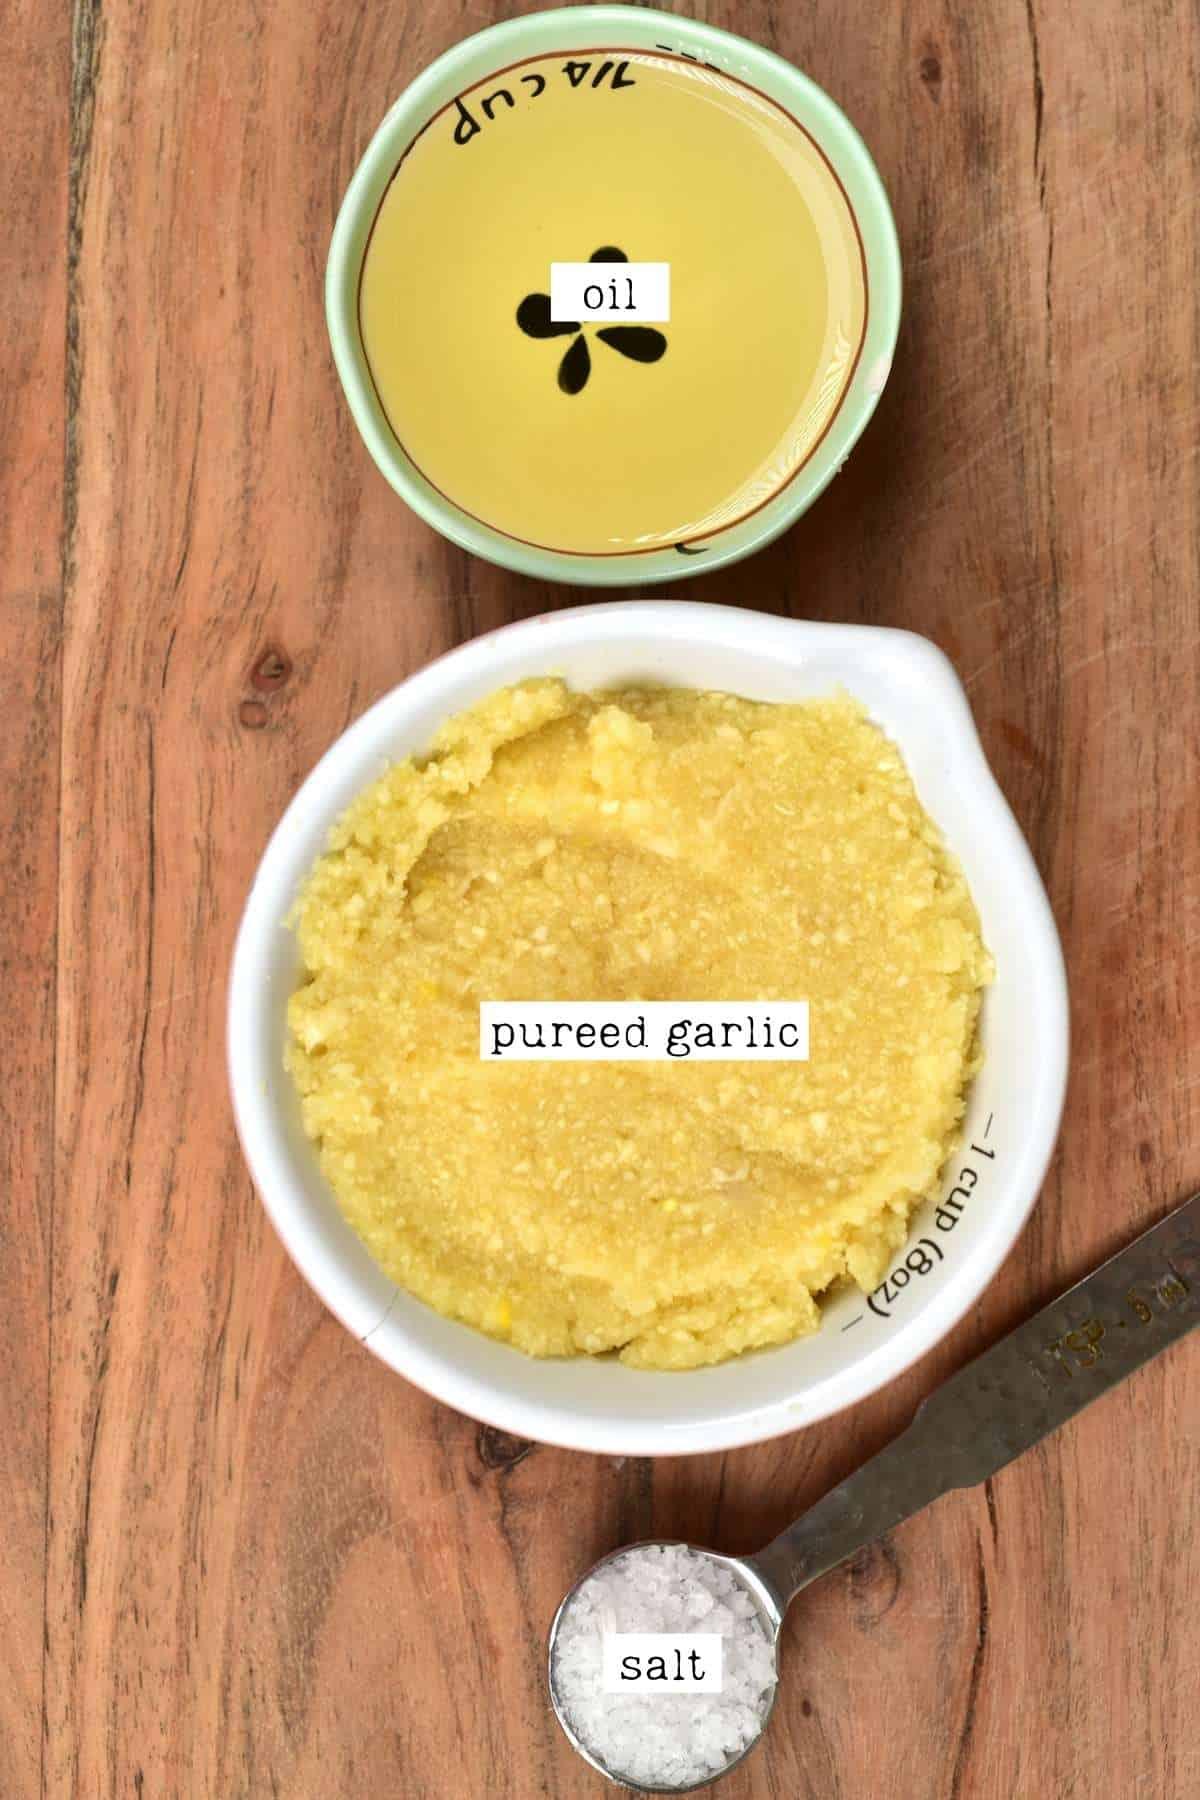 Ingredients for making garlic paste